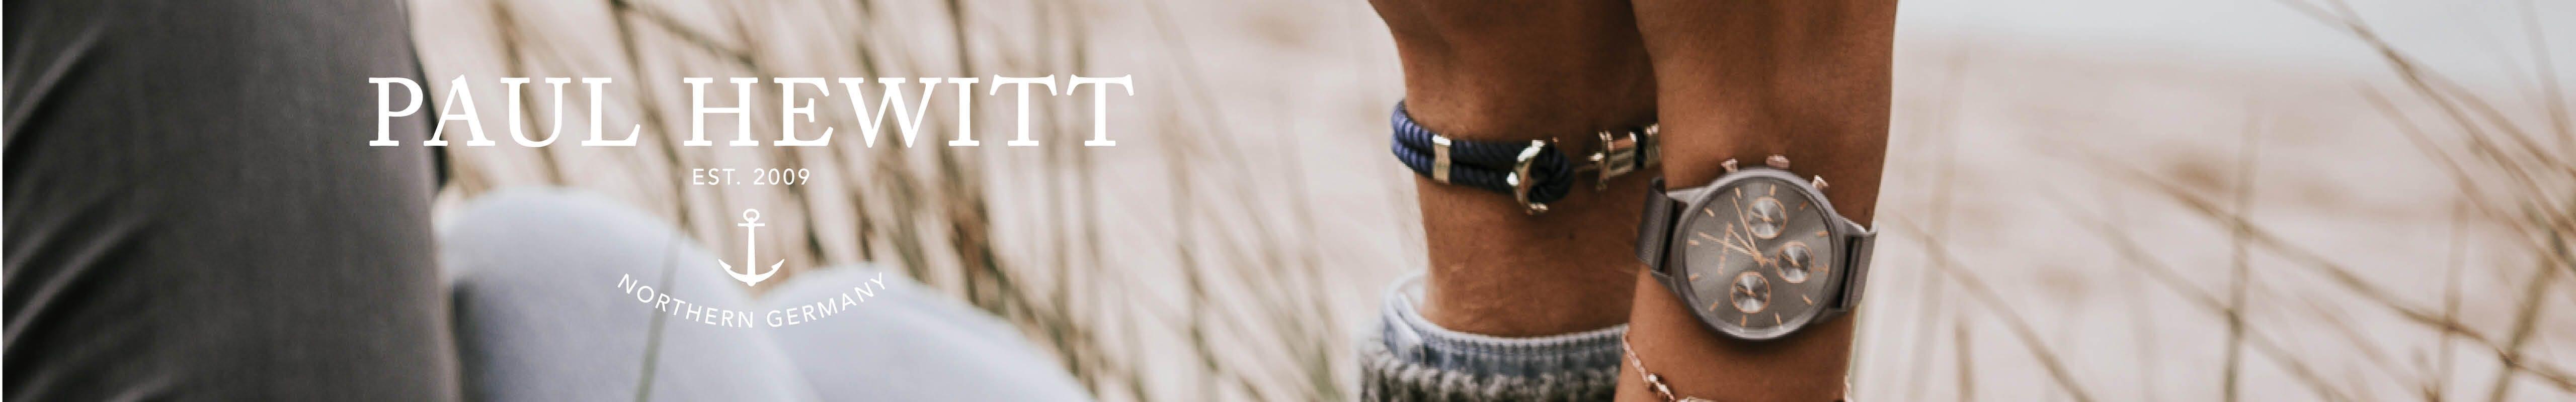 Paul Hewitt Dames Horloges